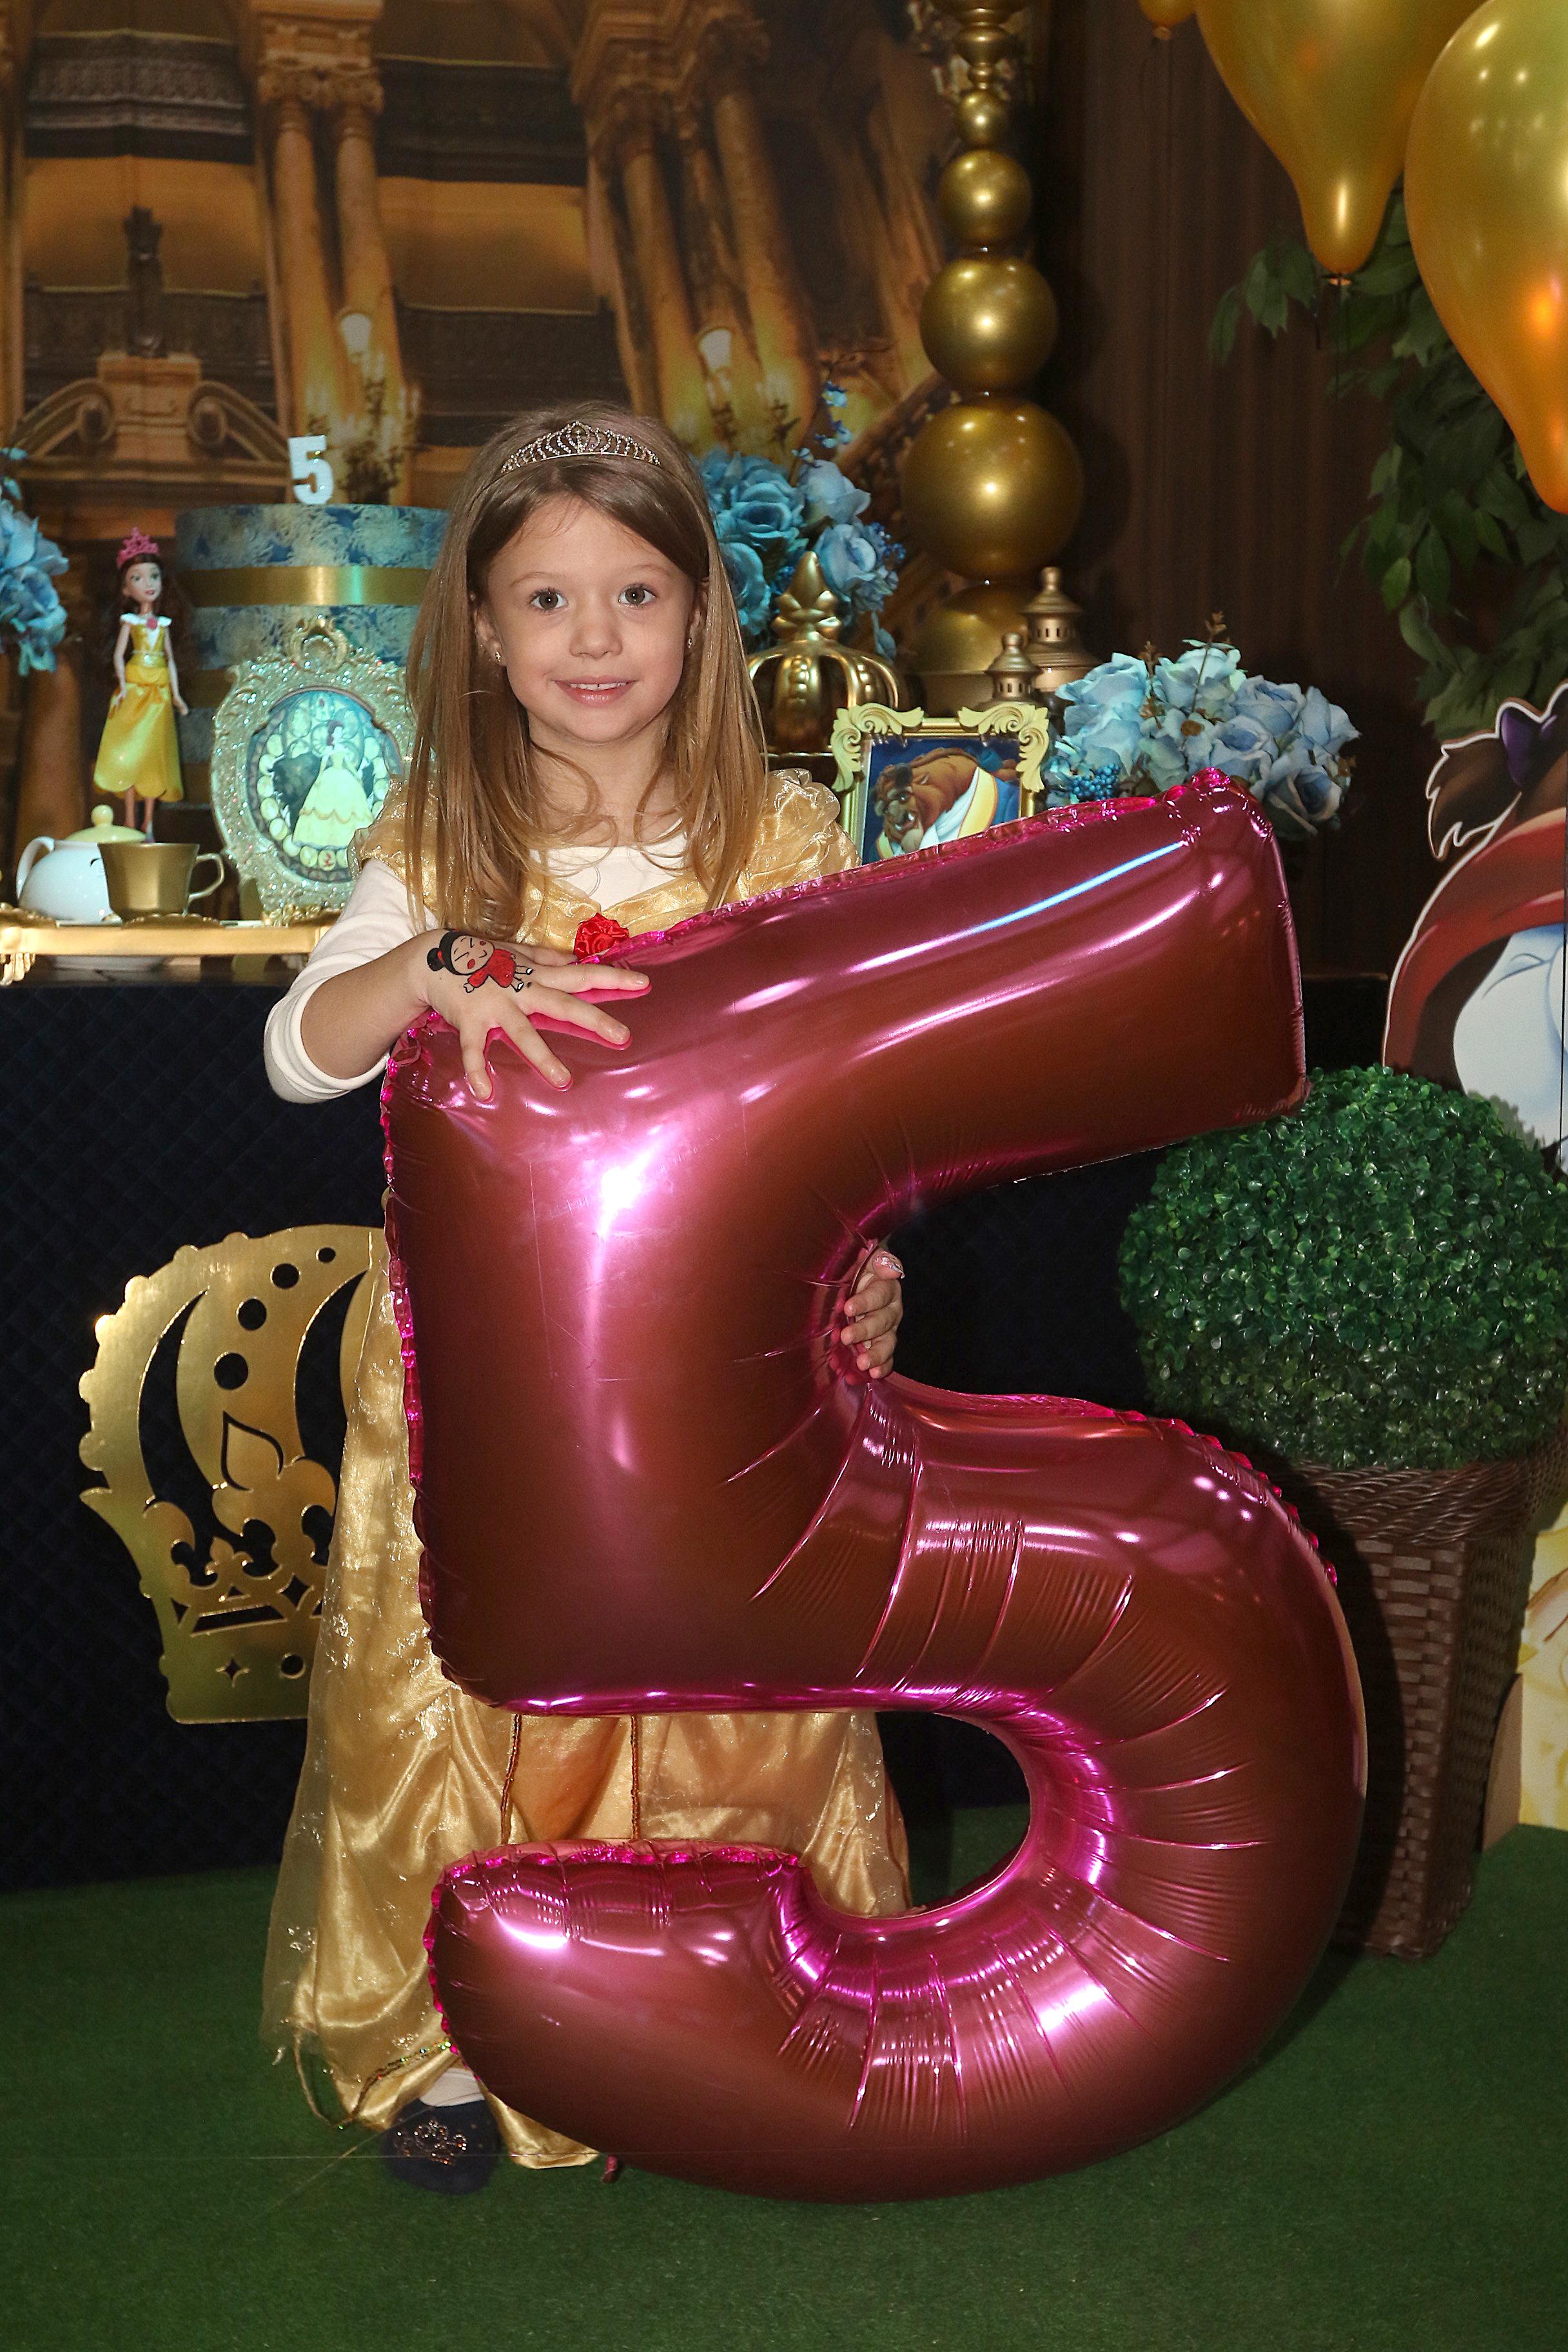 Aniversário 5 anos